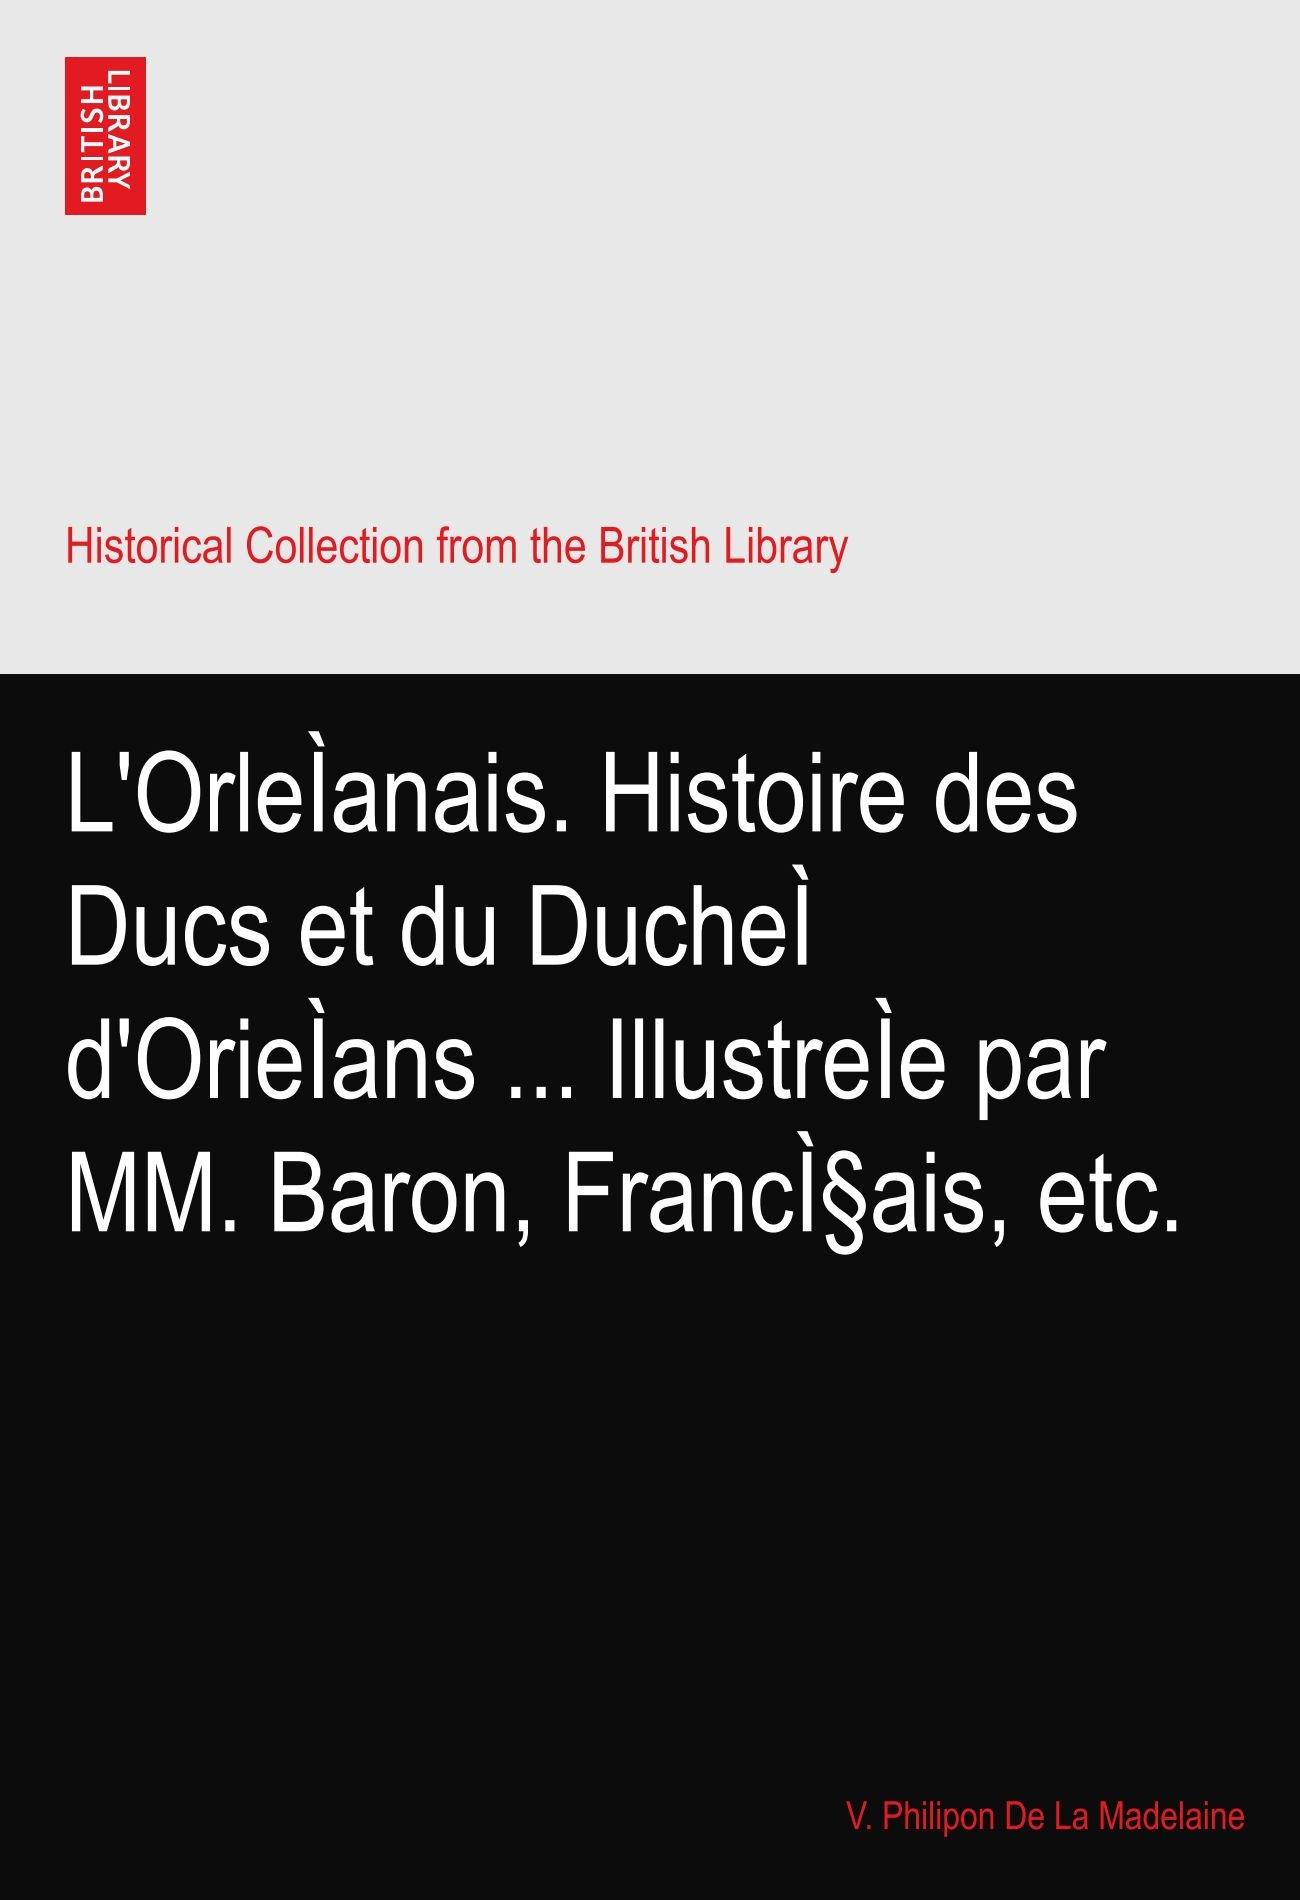 L'OrleÌanais. Histoire des Ducs et du DucheÌ d'OrieÌans ... IllustreÌe par MM. Baron, Français, etc. pdf epub